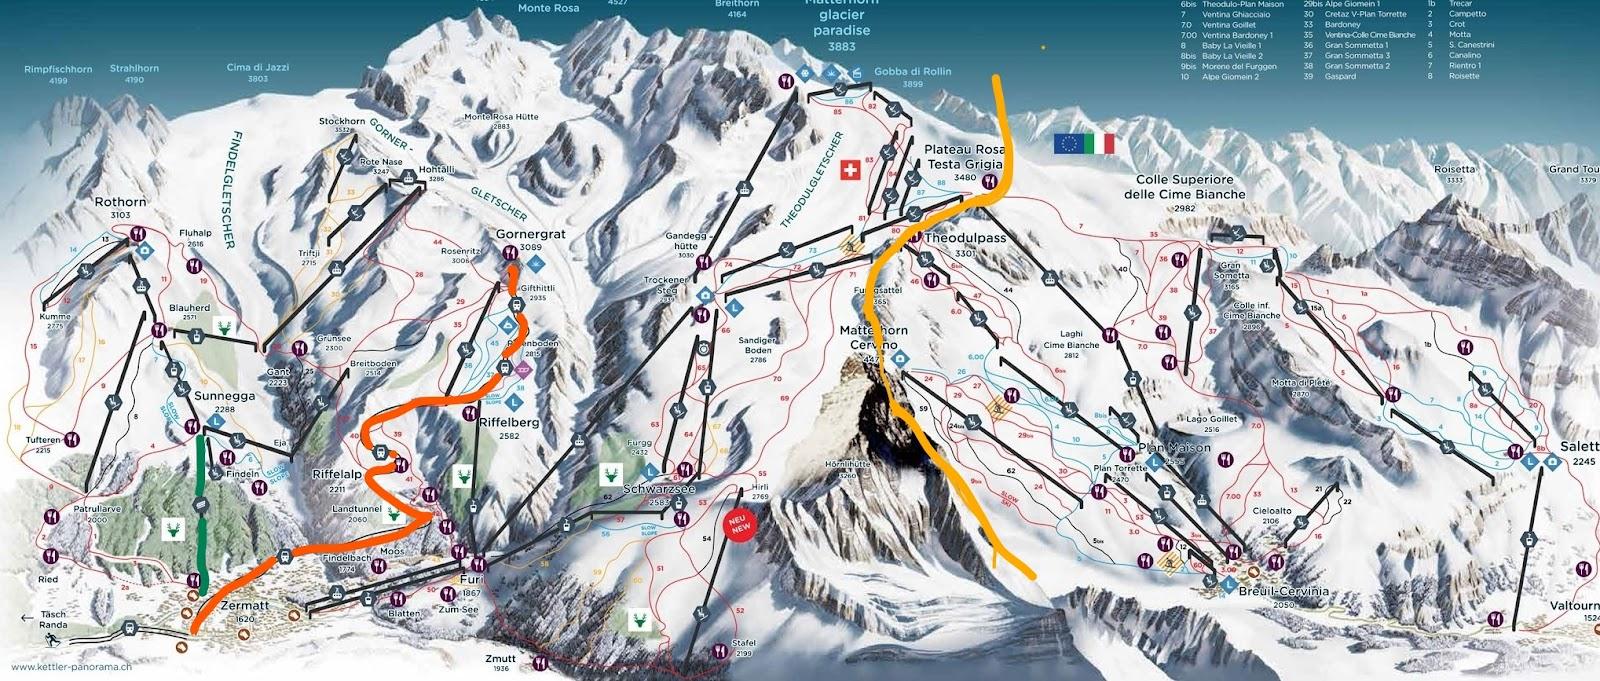 zermatt-piste-map-2015-16_Ink_Ink_LI.jpg